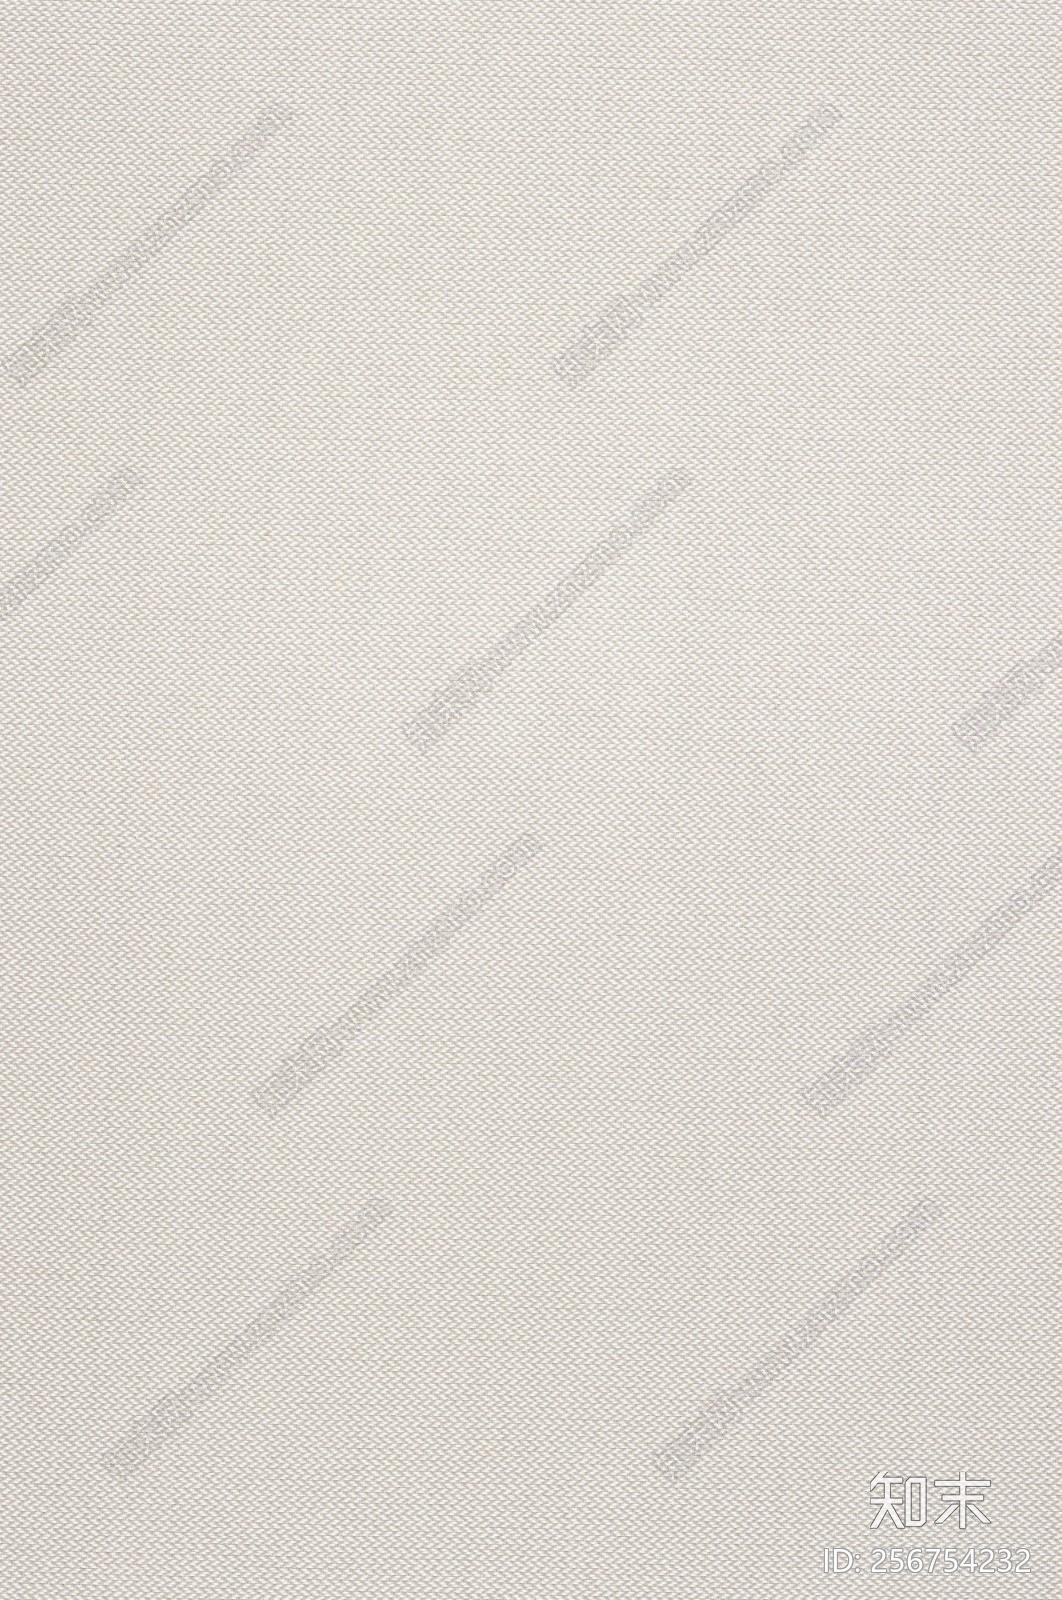 布纹布料墙布沙发布粗布棉布麻布高清无缝贴图03贴图下载【ID:256754232】